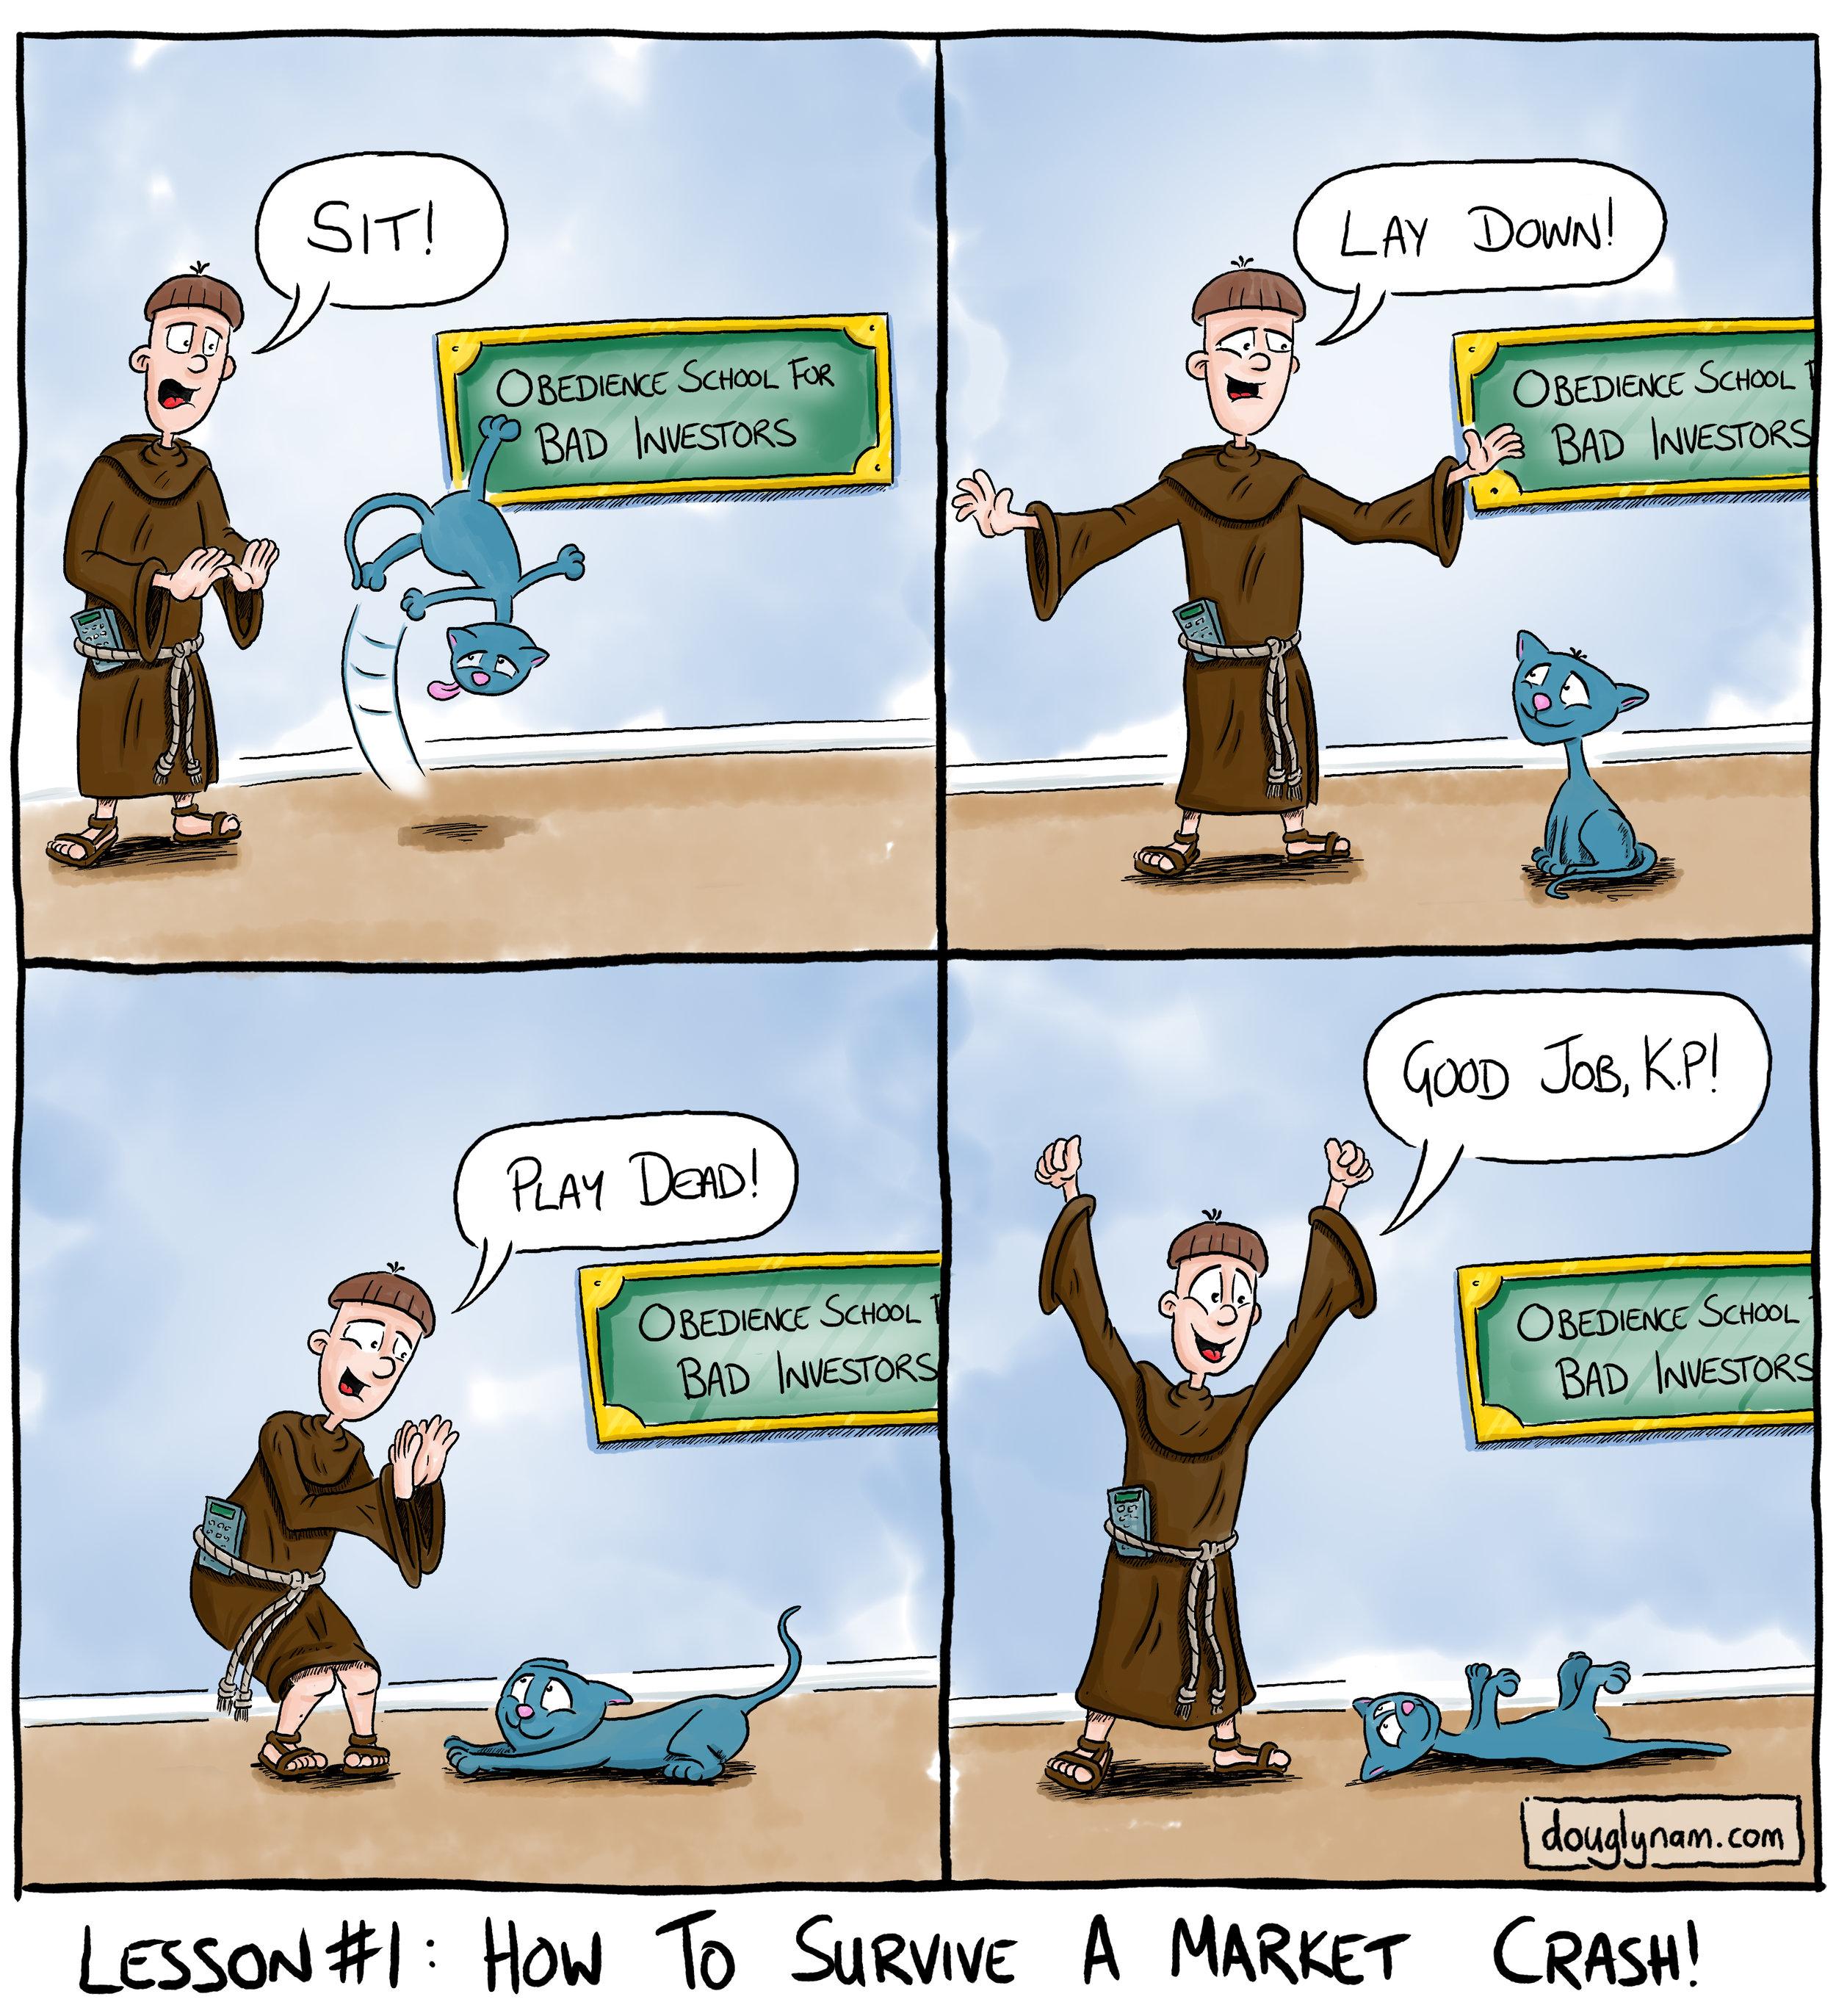 obediencecSchool.jpg